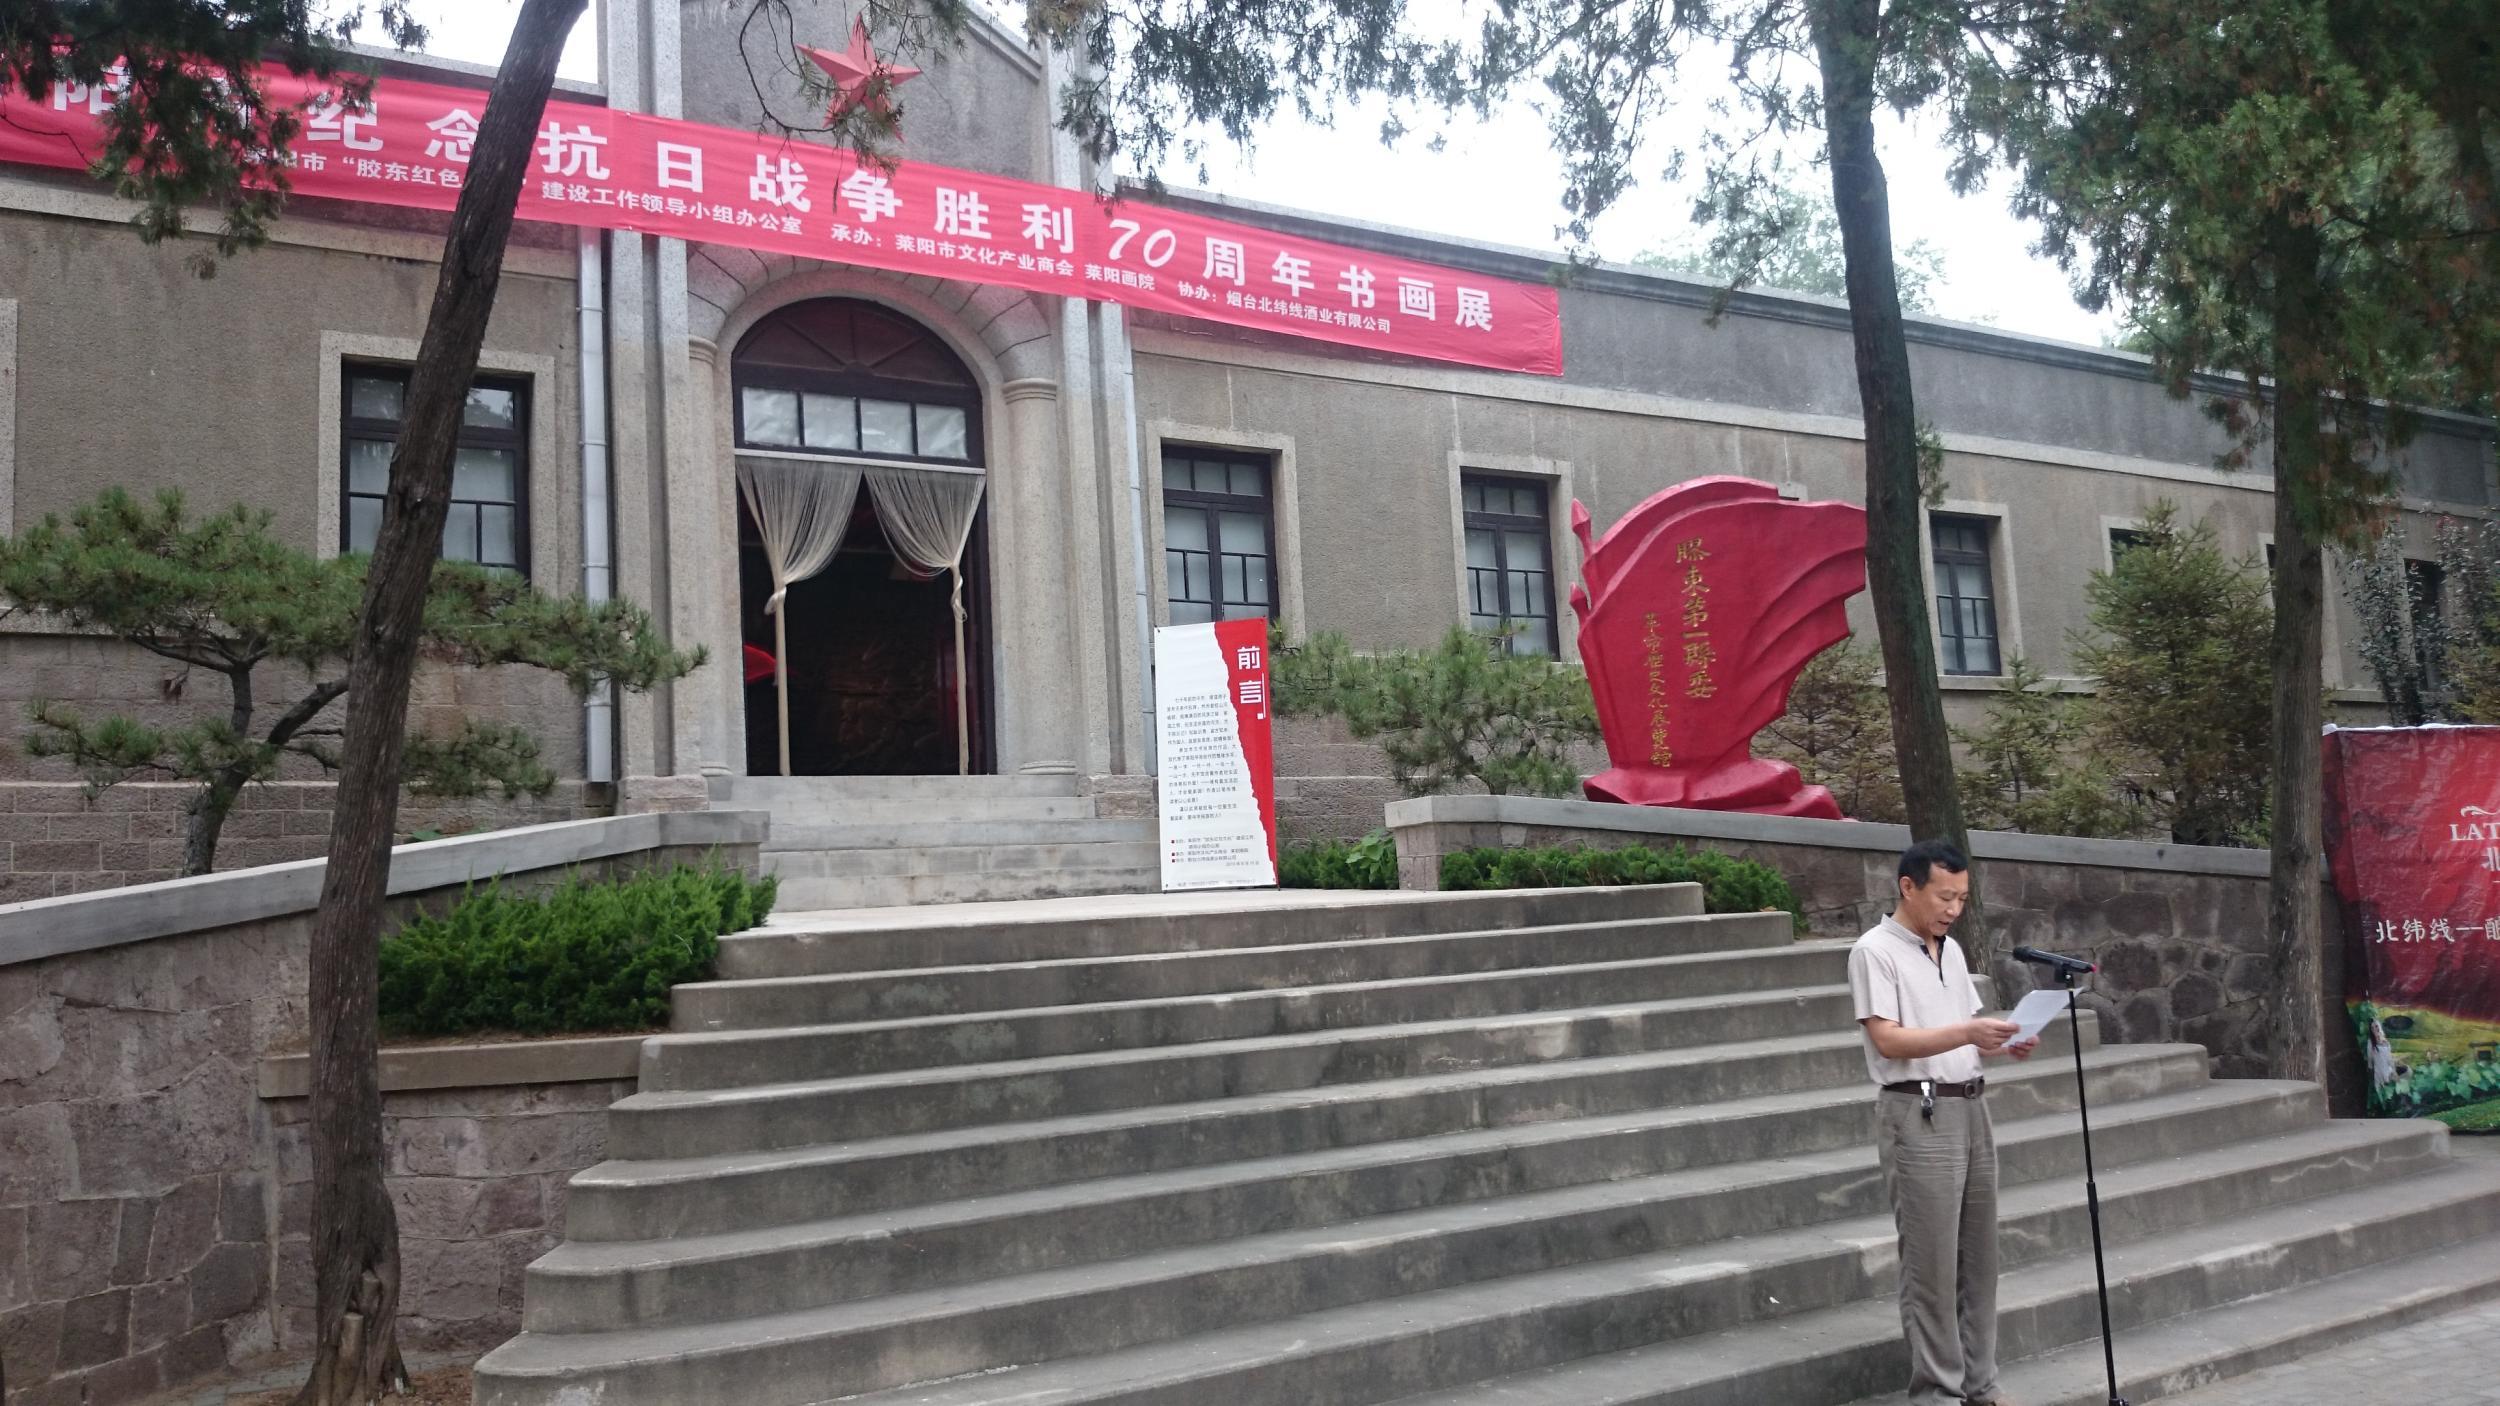 8月15日,为纪念中国人民抗日战争暨世界反法西斯战争胜利